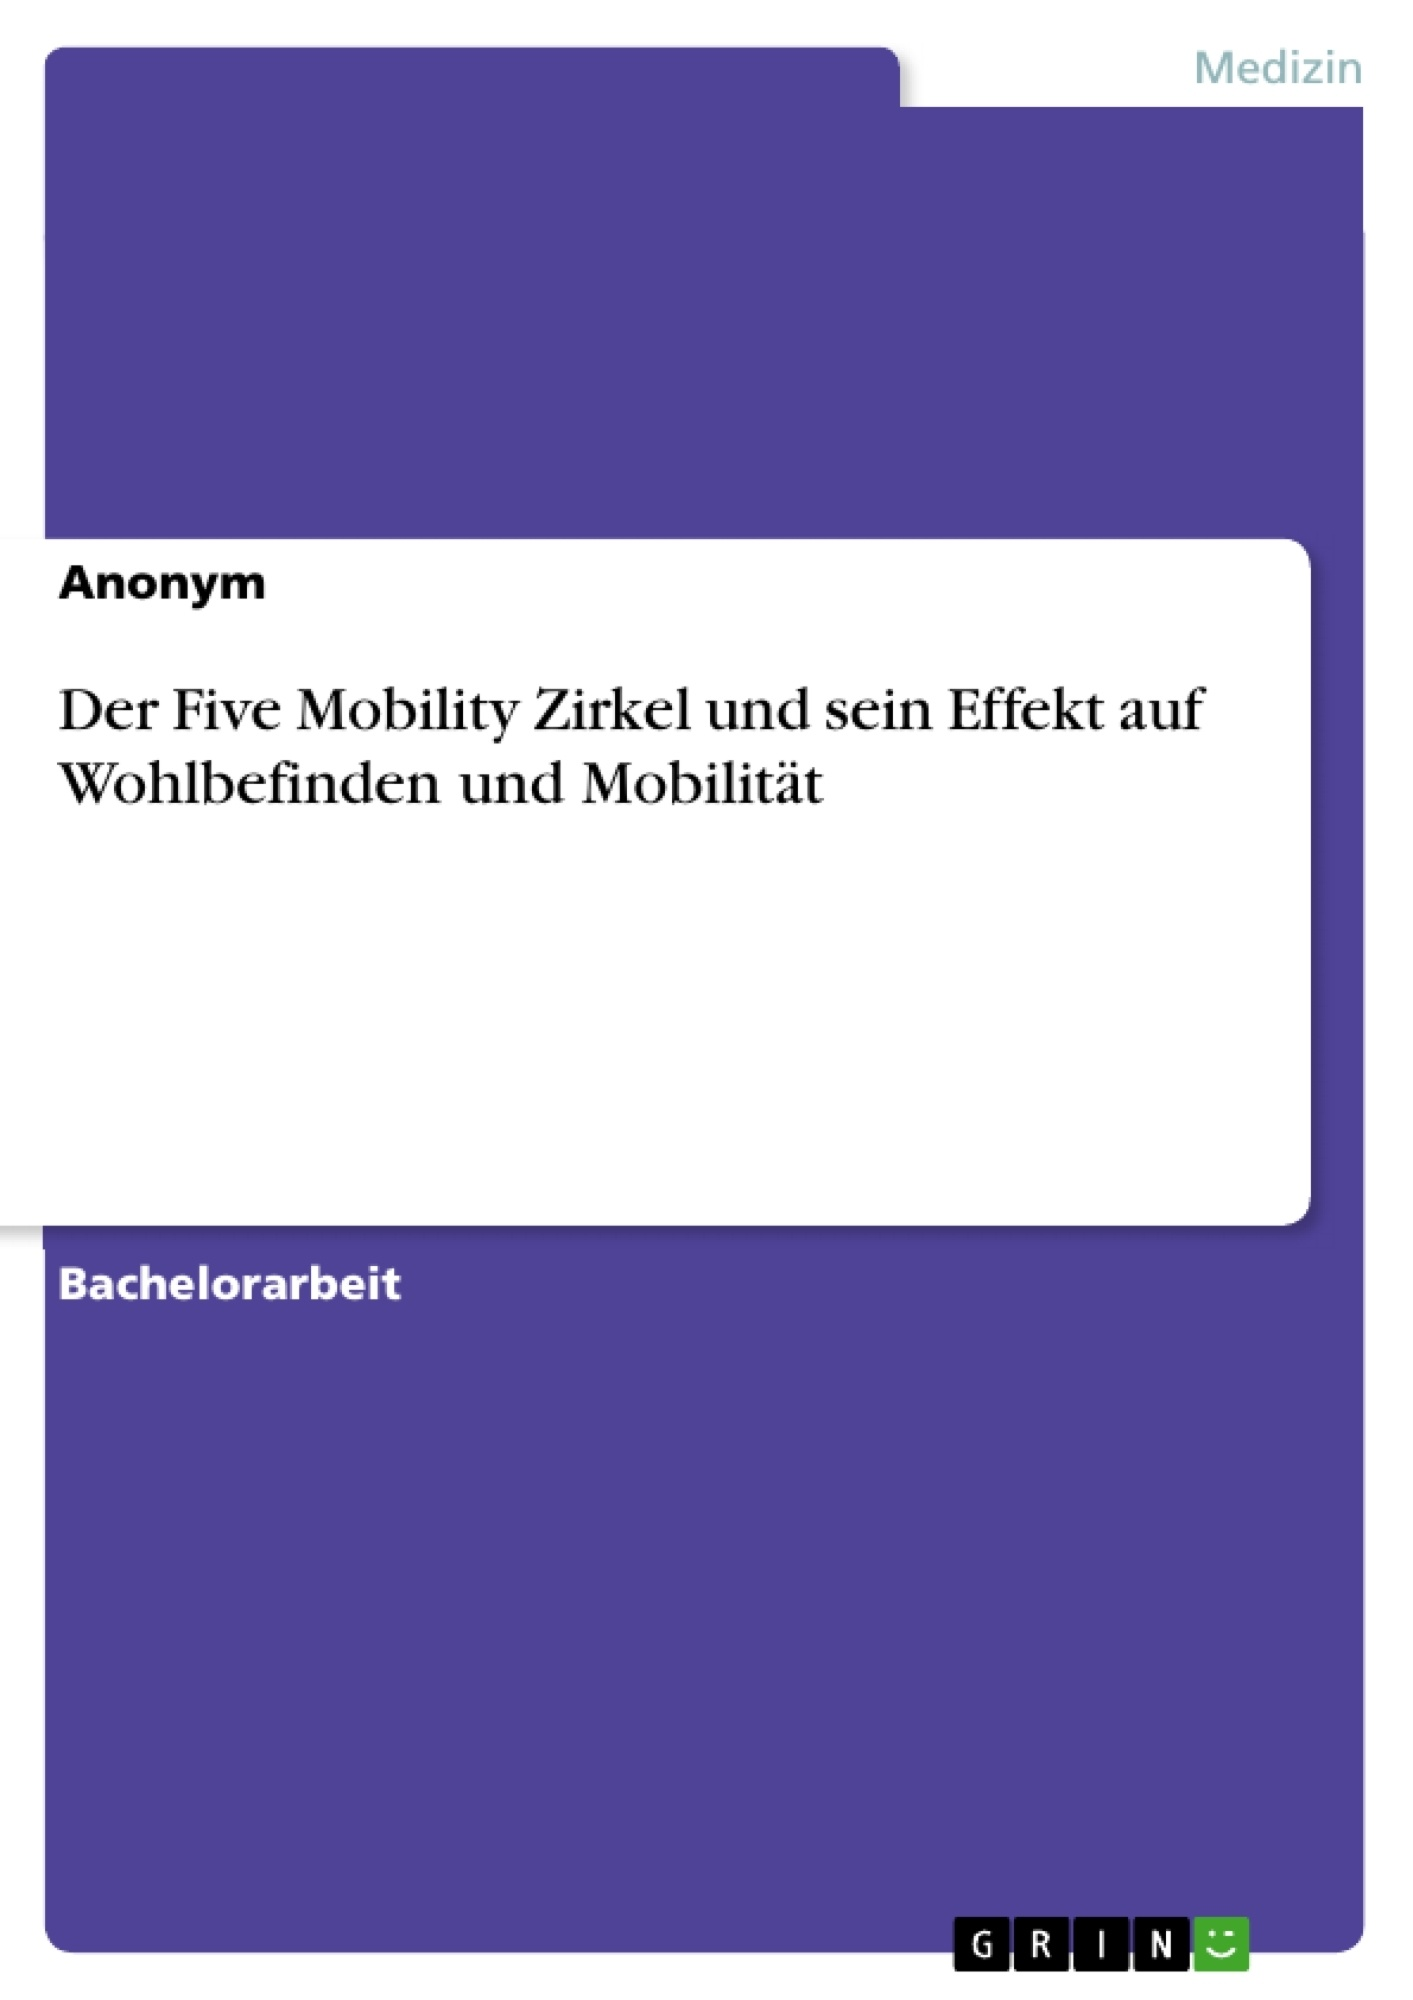 Titel: Der Five Mobility Zirkel und sein Effekt auf Wohlbefinden und Mobilität